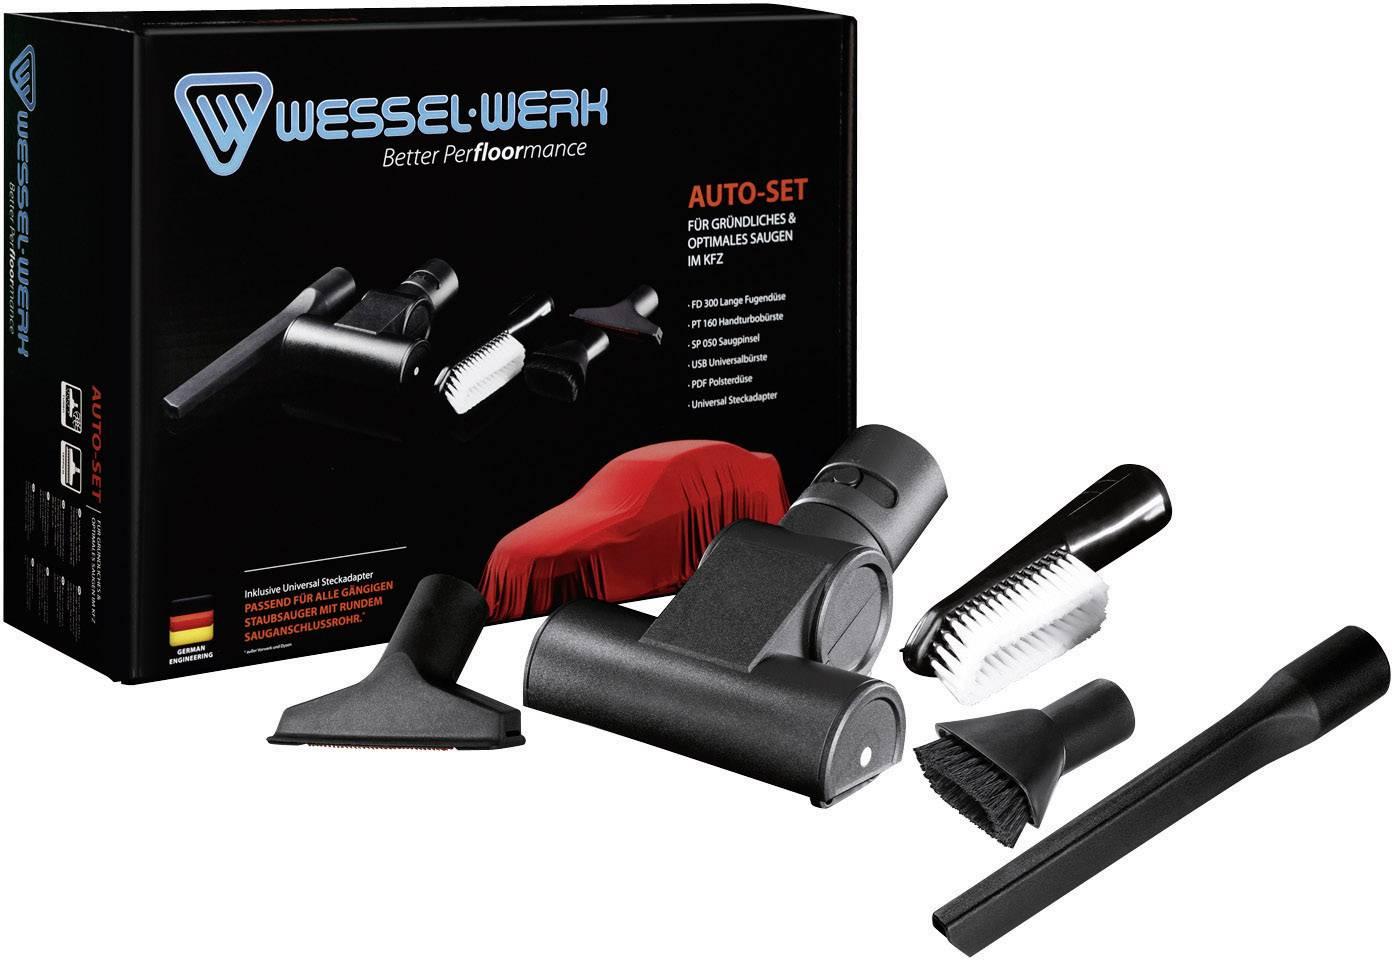 5-radová sada hubíc pre upratovanie automobilu Wessel-Werk FD300, PT160E, SP050